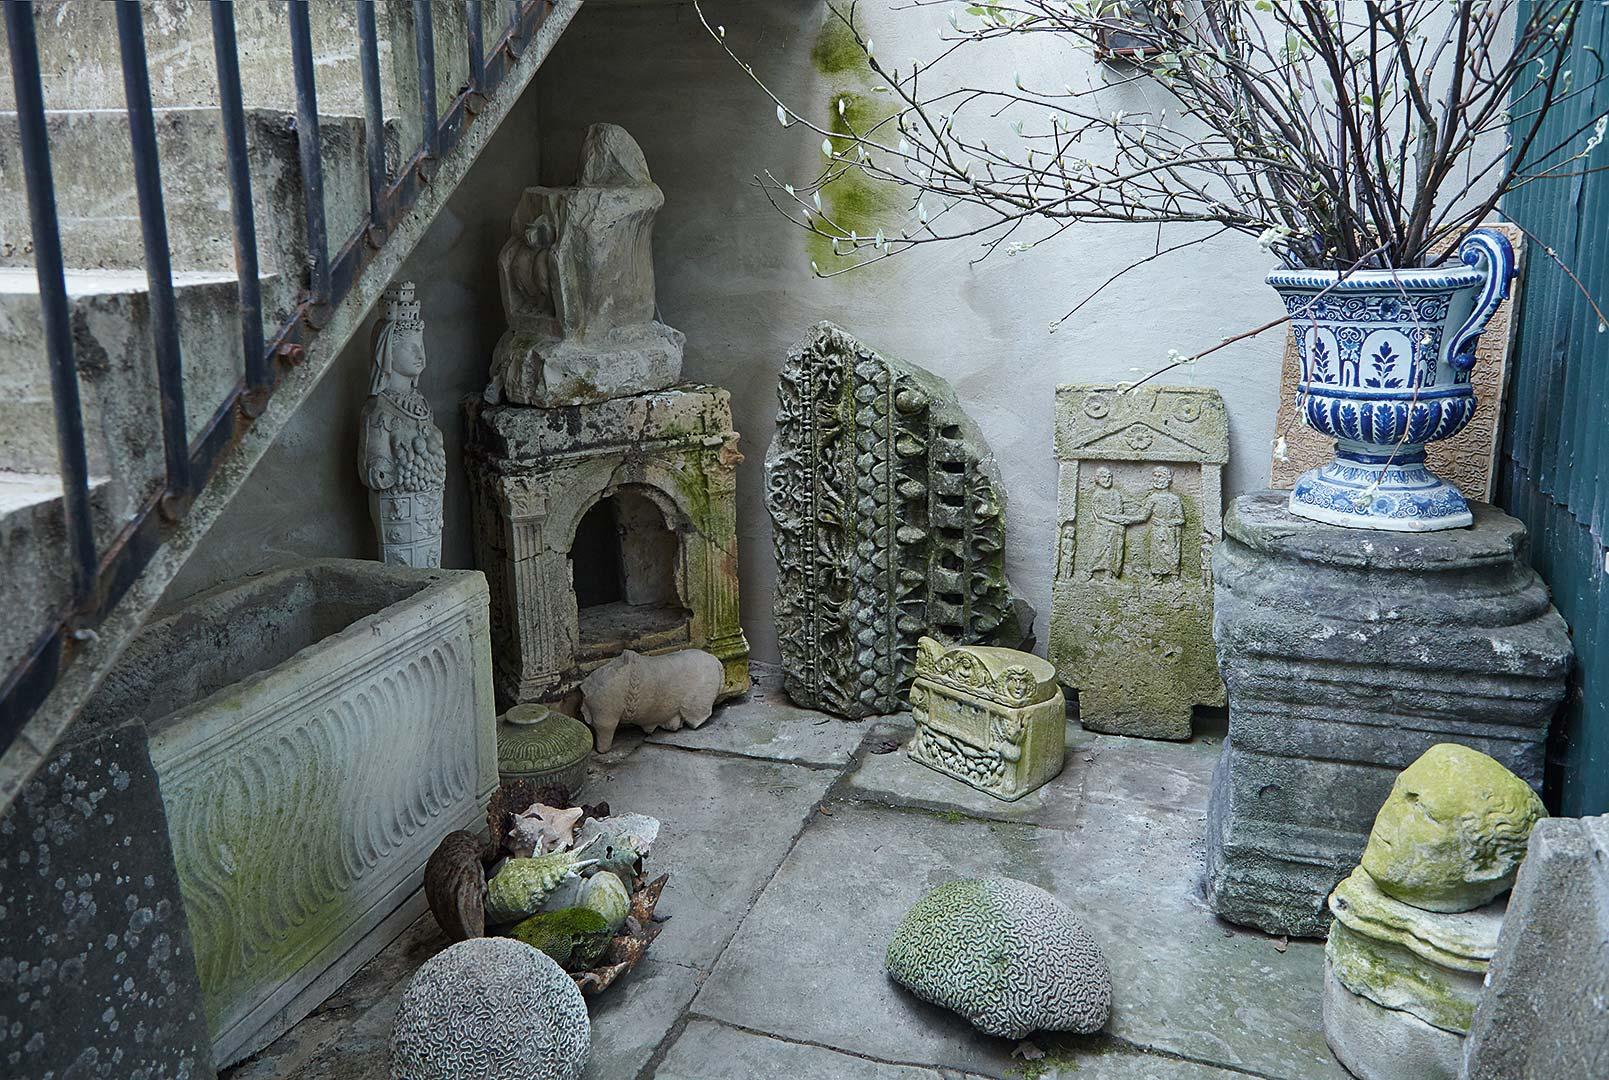 Old Village Hall, Wiltshire